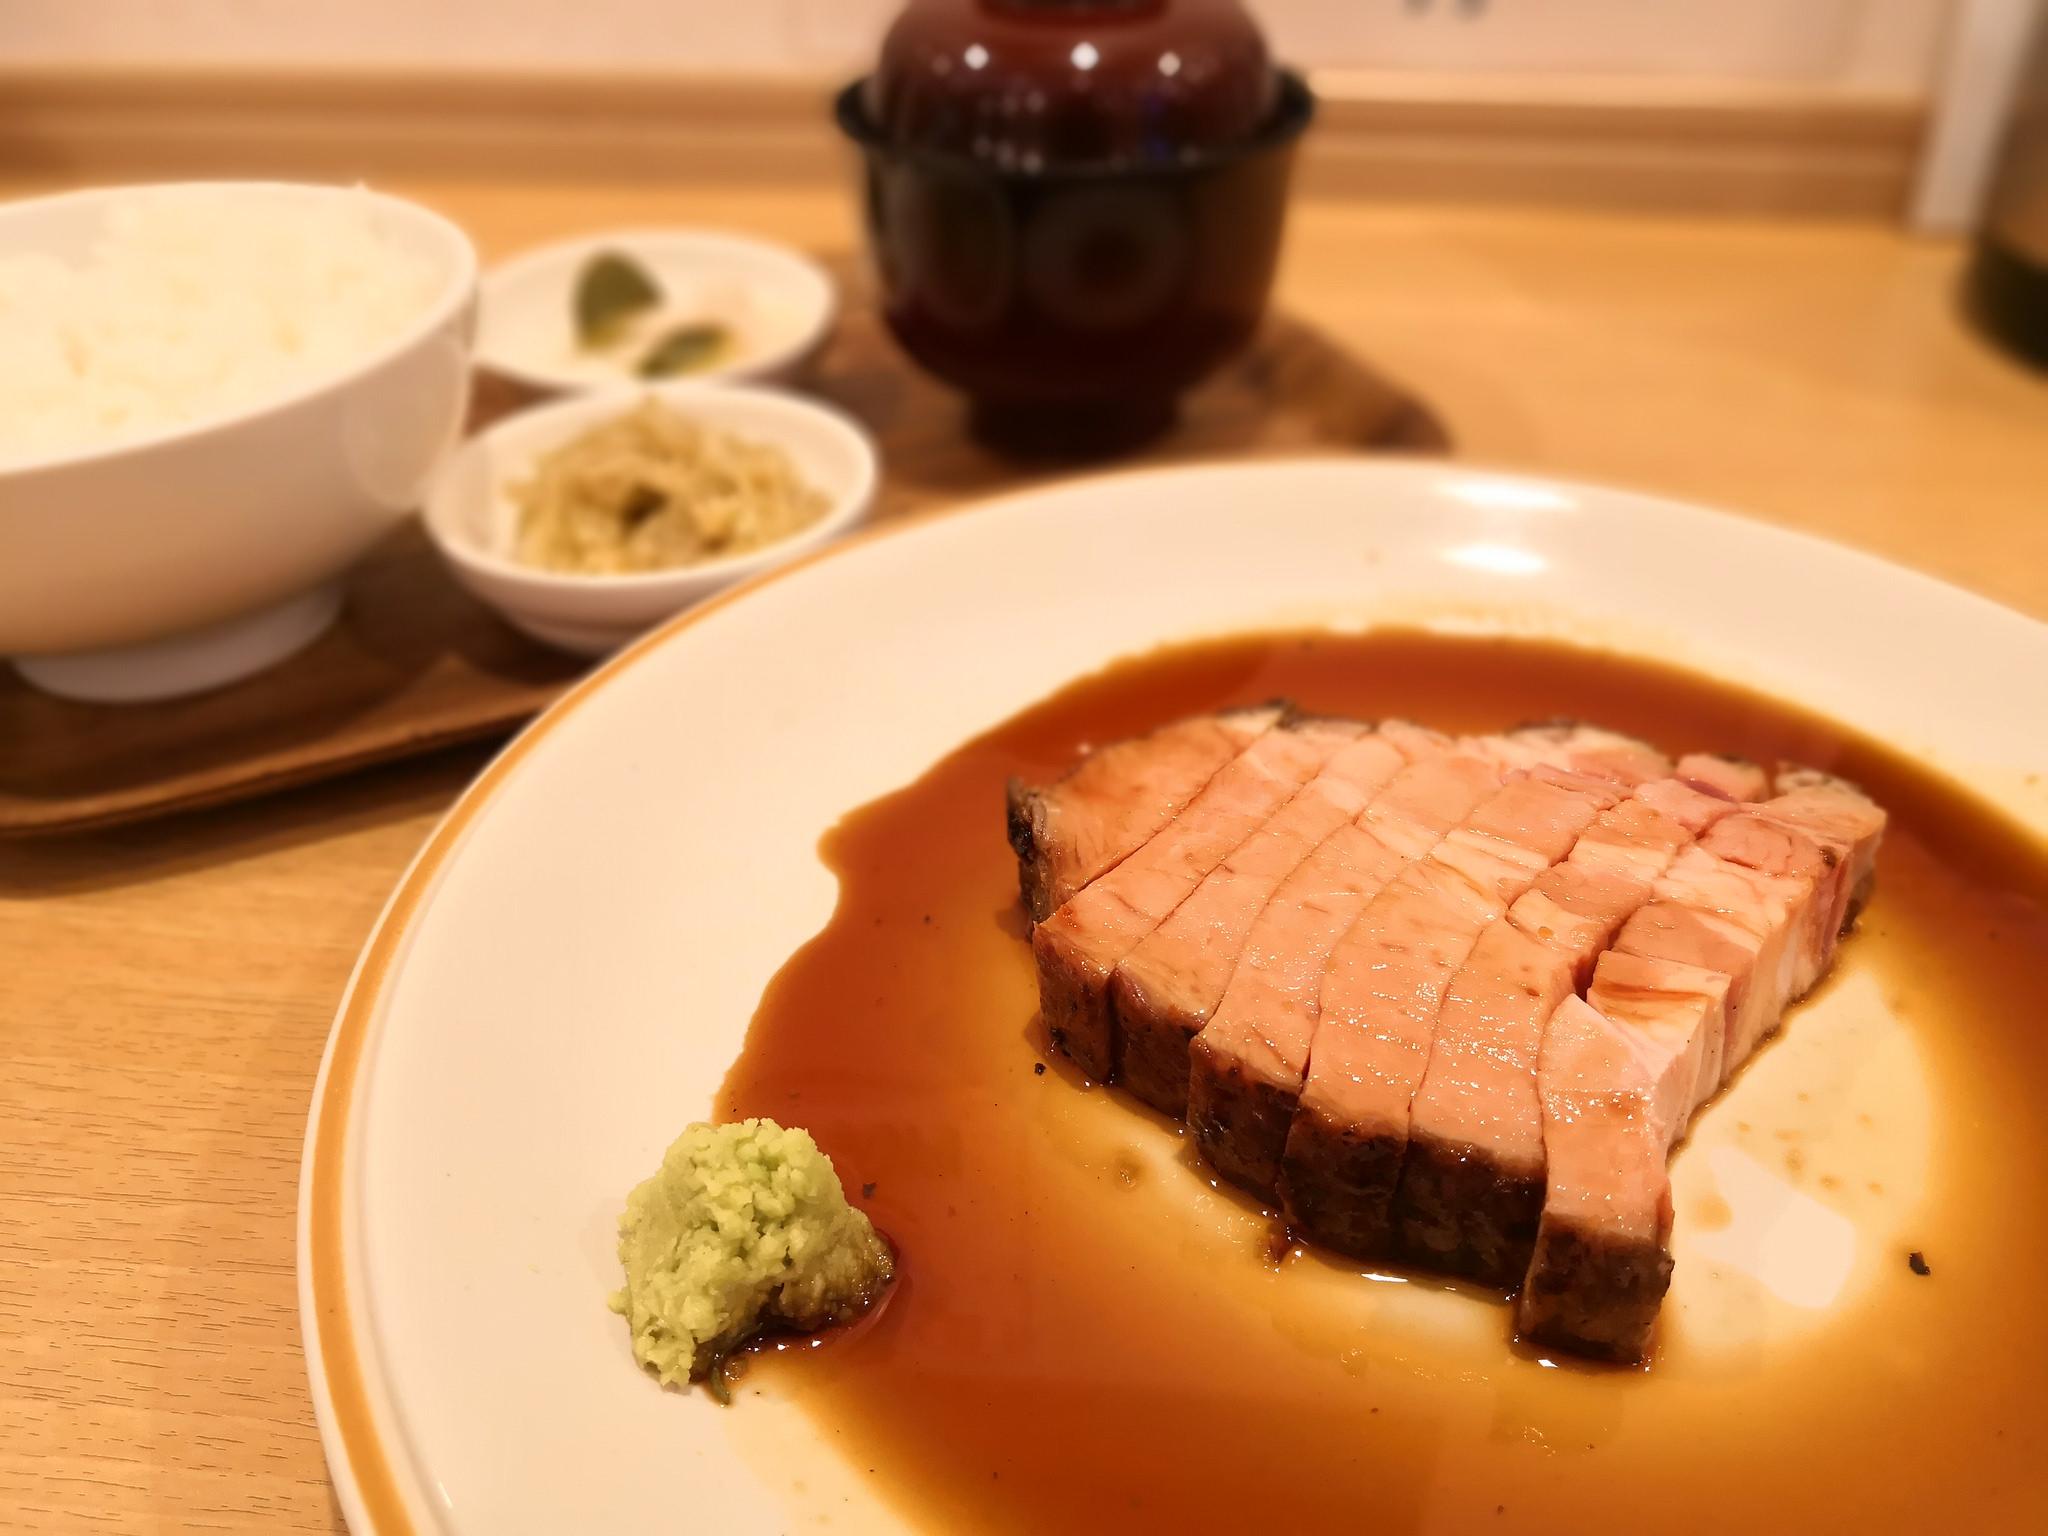 【五反田】ローストビーフ専門店 フジヤマ@合理的に肉に特化した専門店。お手頃にお肉を食べたい時に。